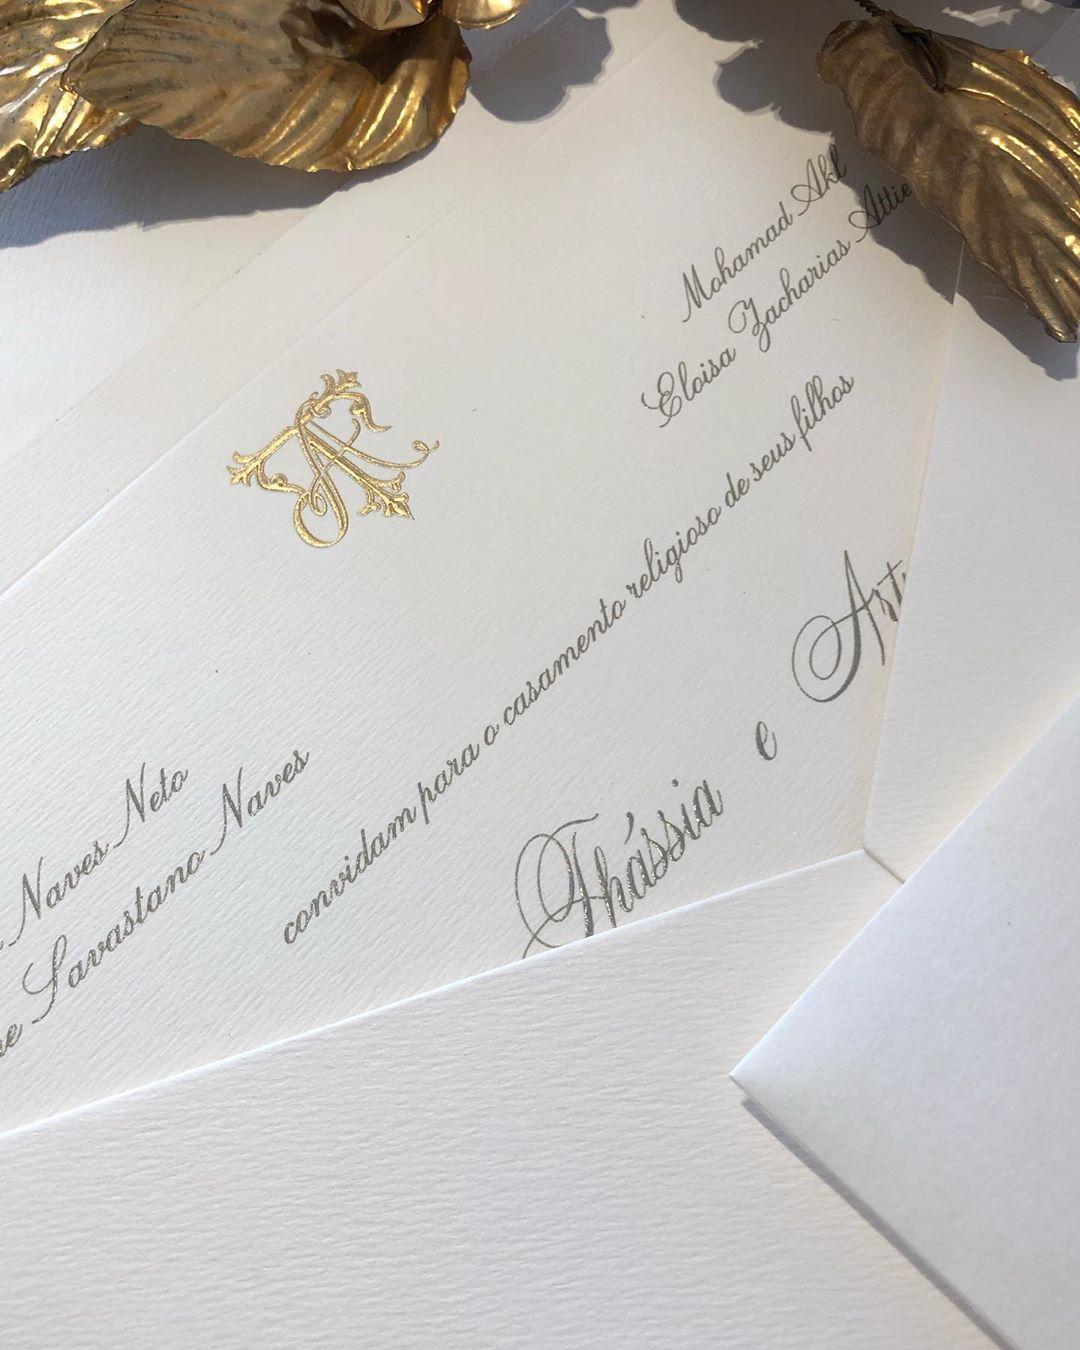 convite de casamento thassia naves